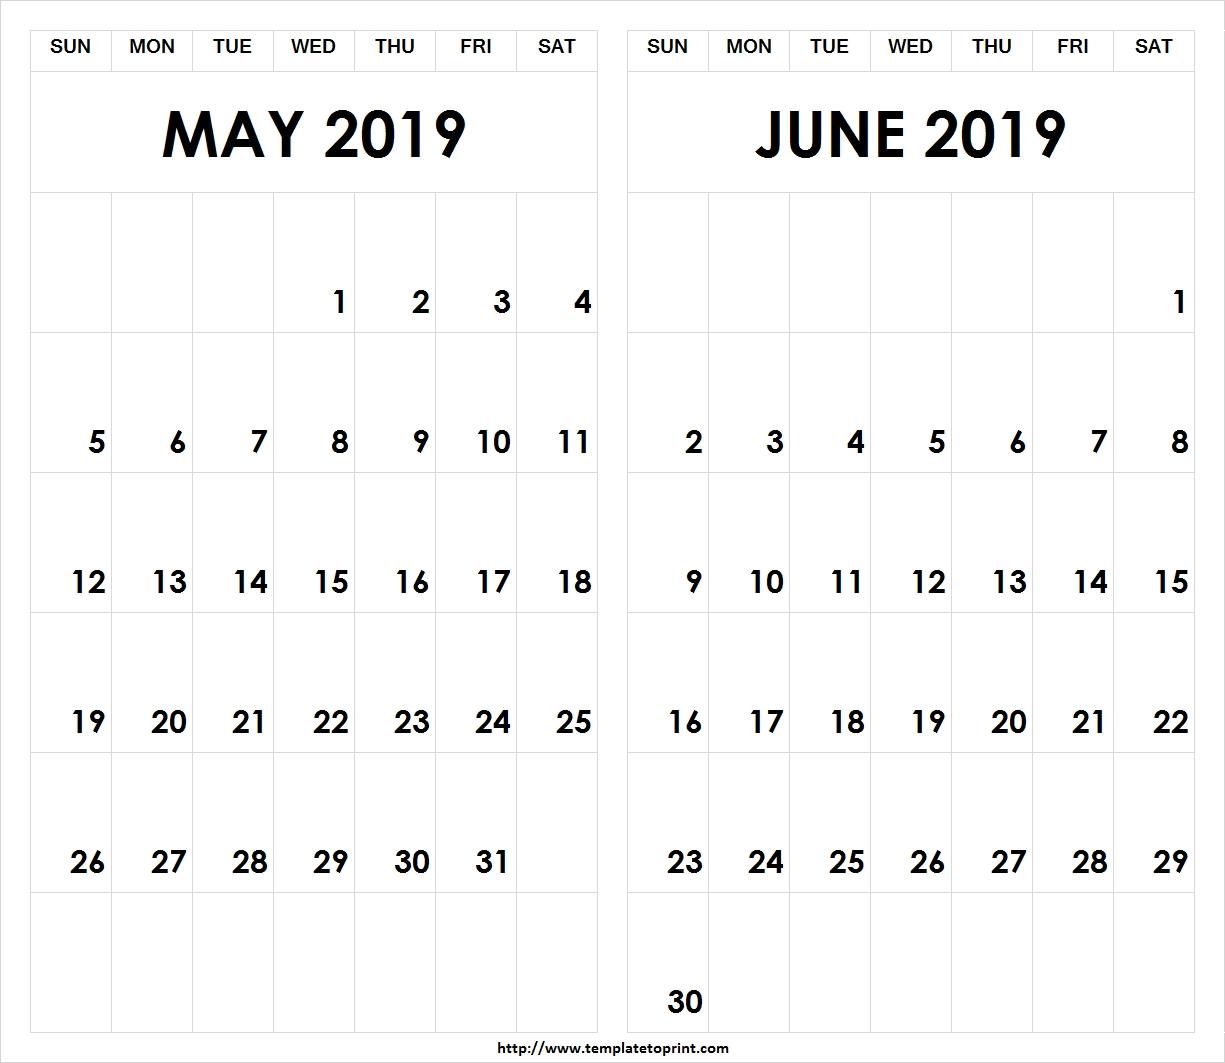 Printable 2019 May June Calendar » Template To Print Calendar 2019 May June